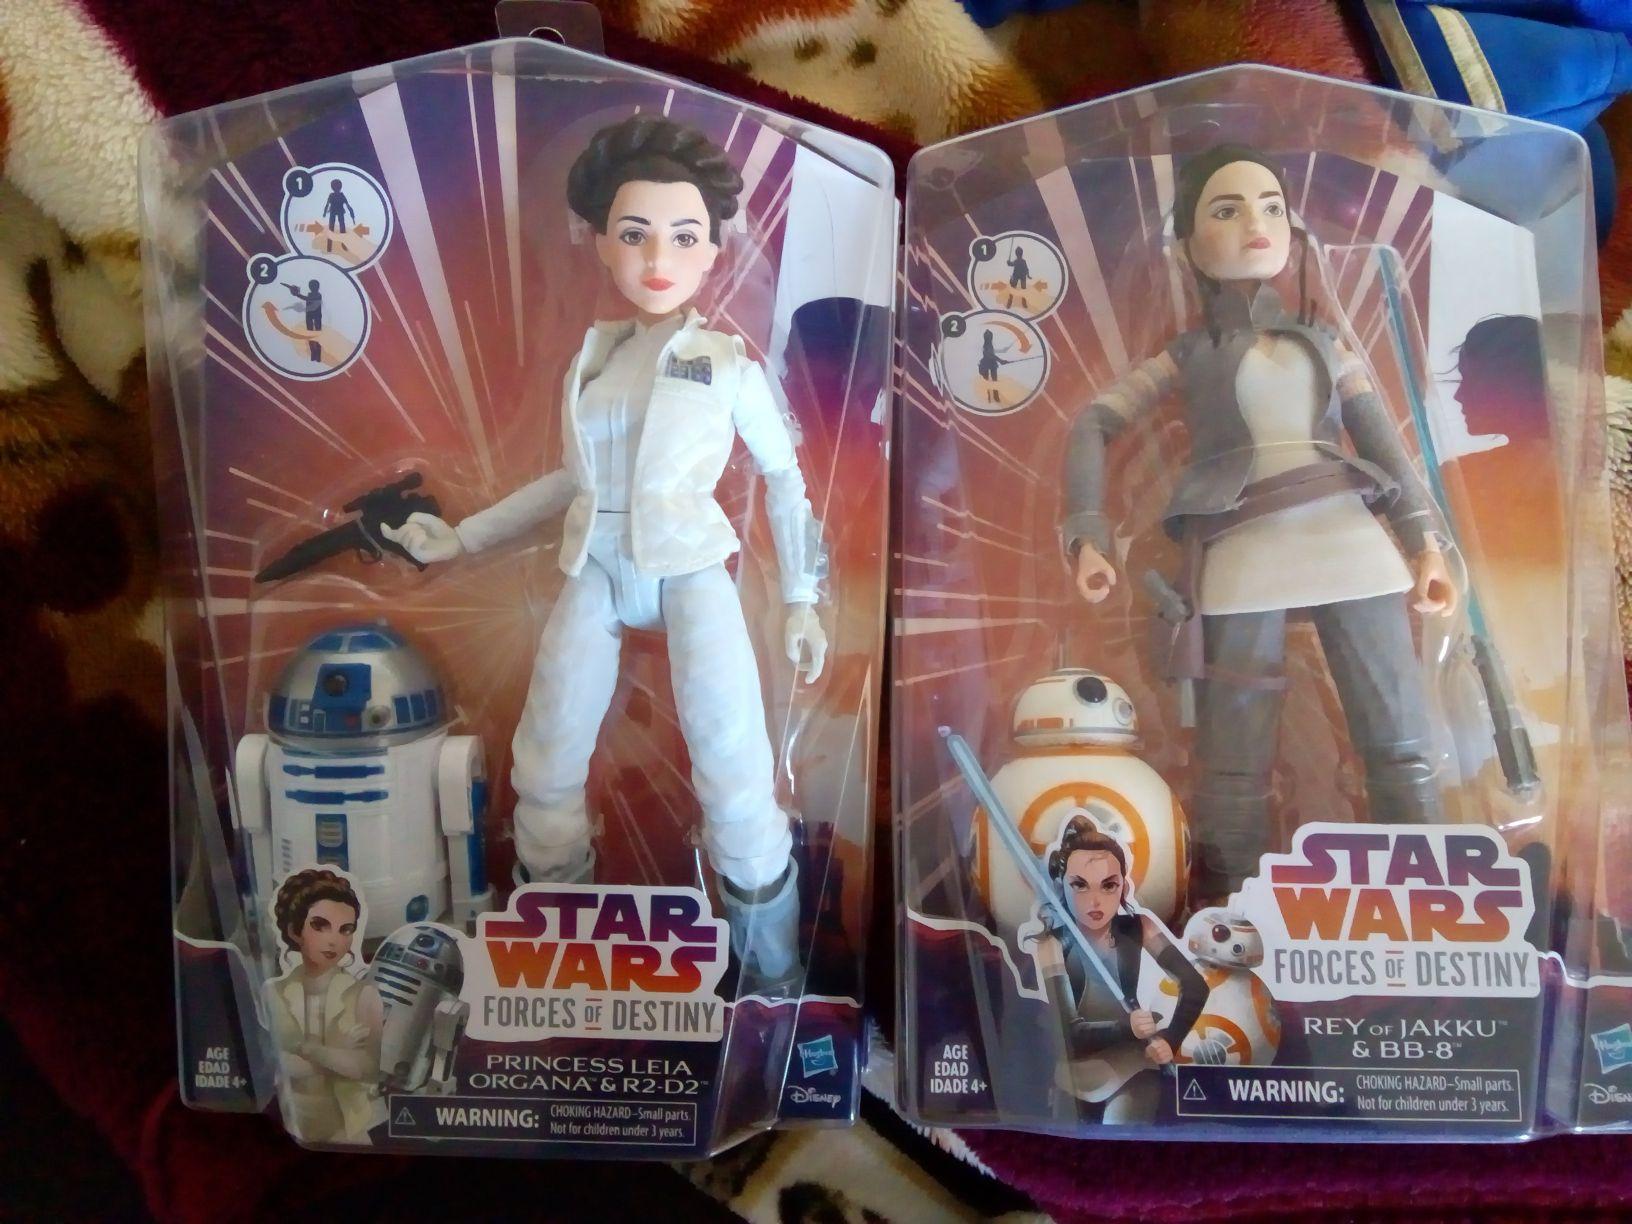 bodega aurrerá muñecas de star wars princesa leía y rey de jakku